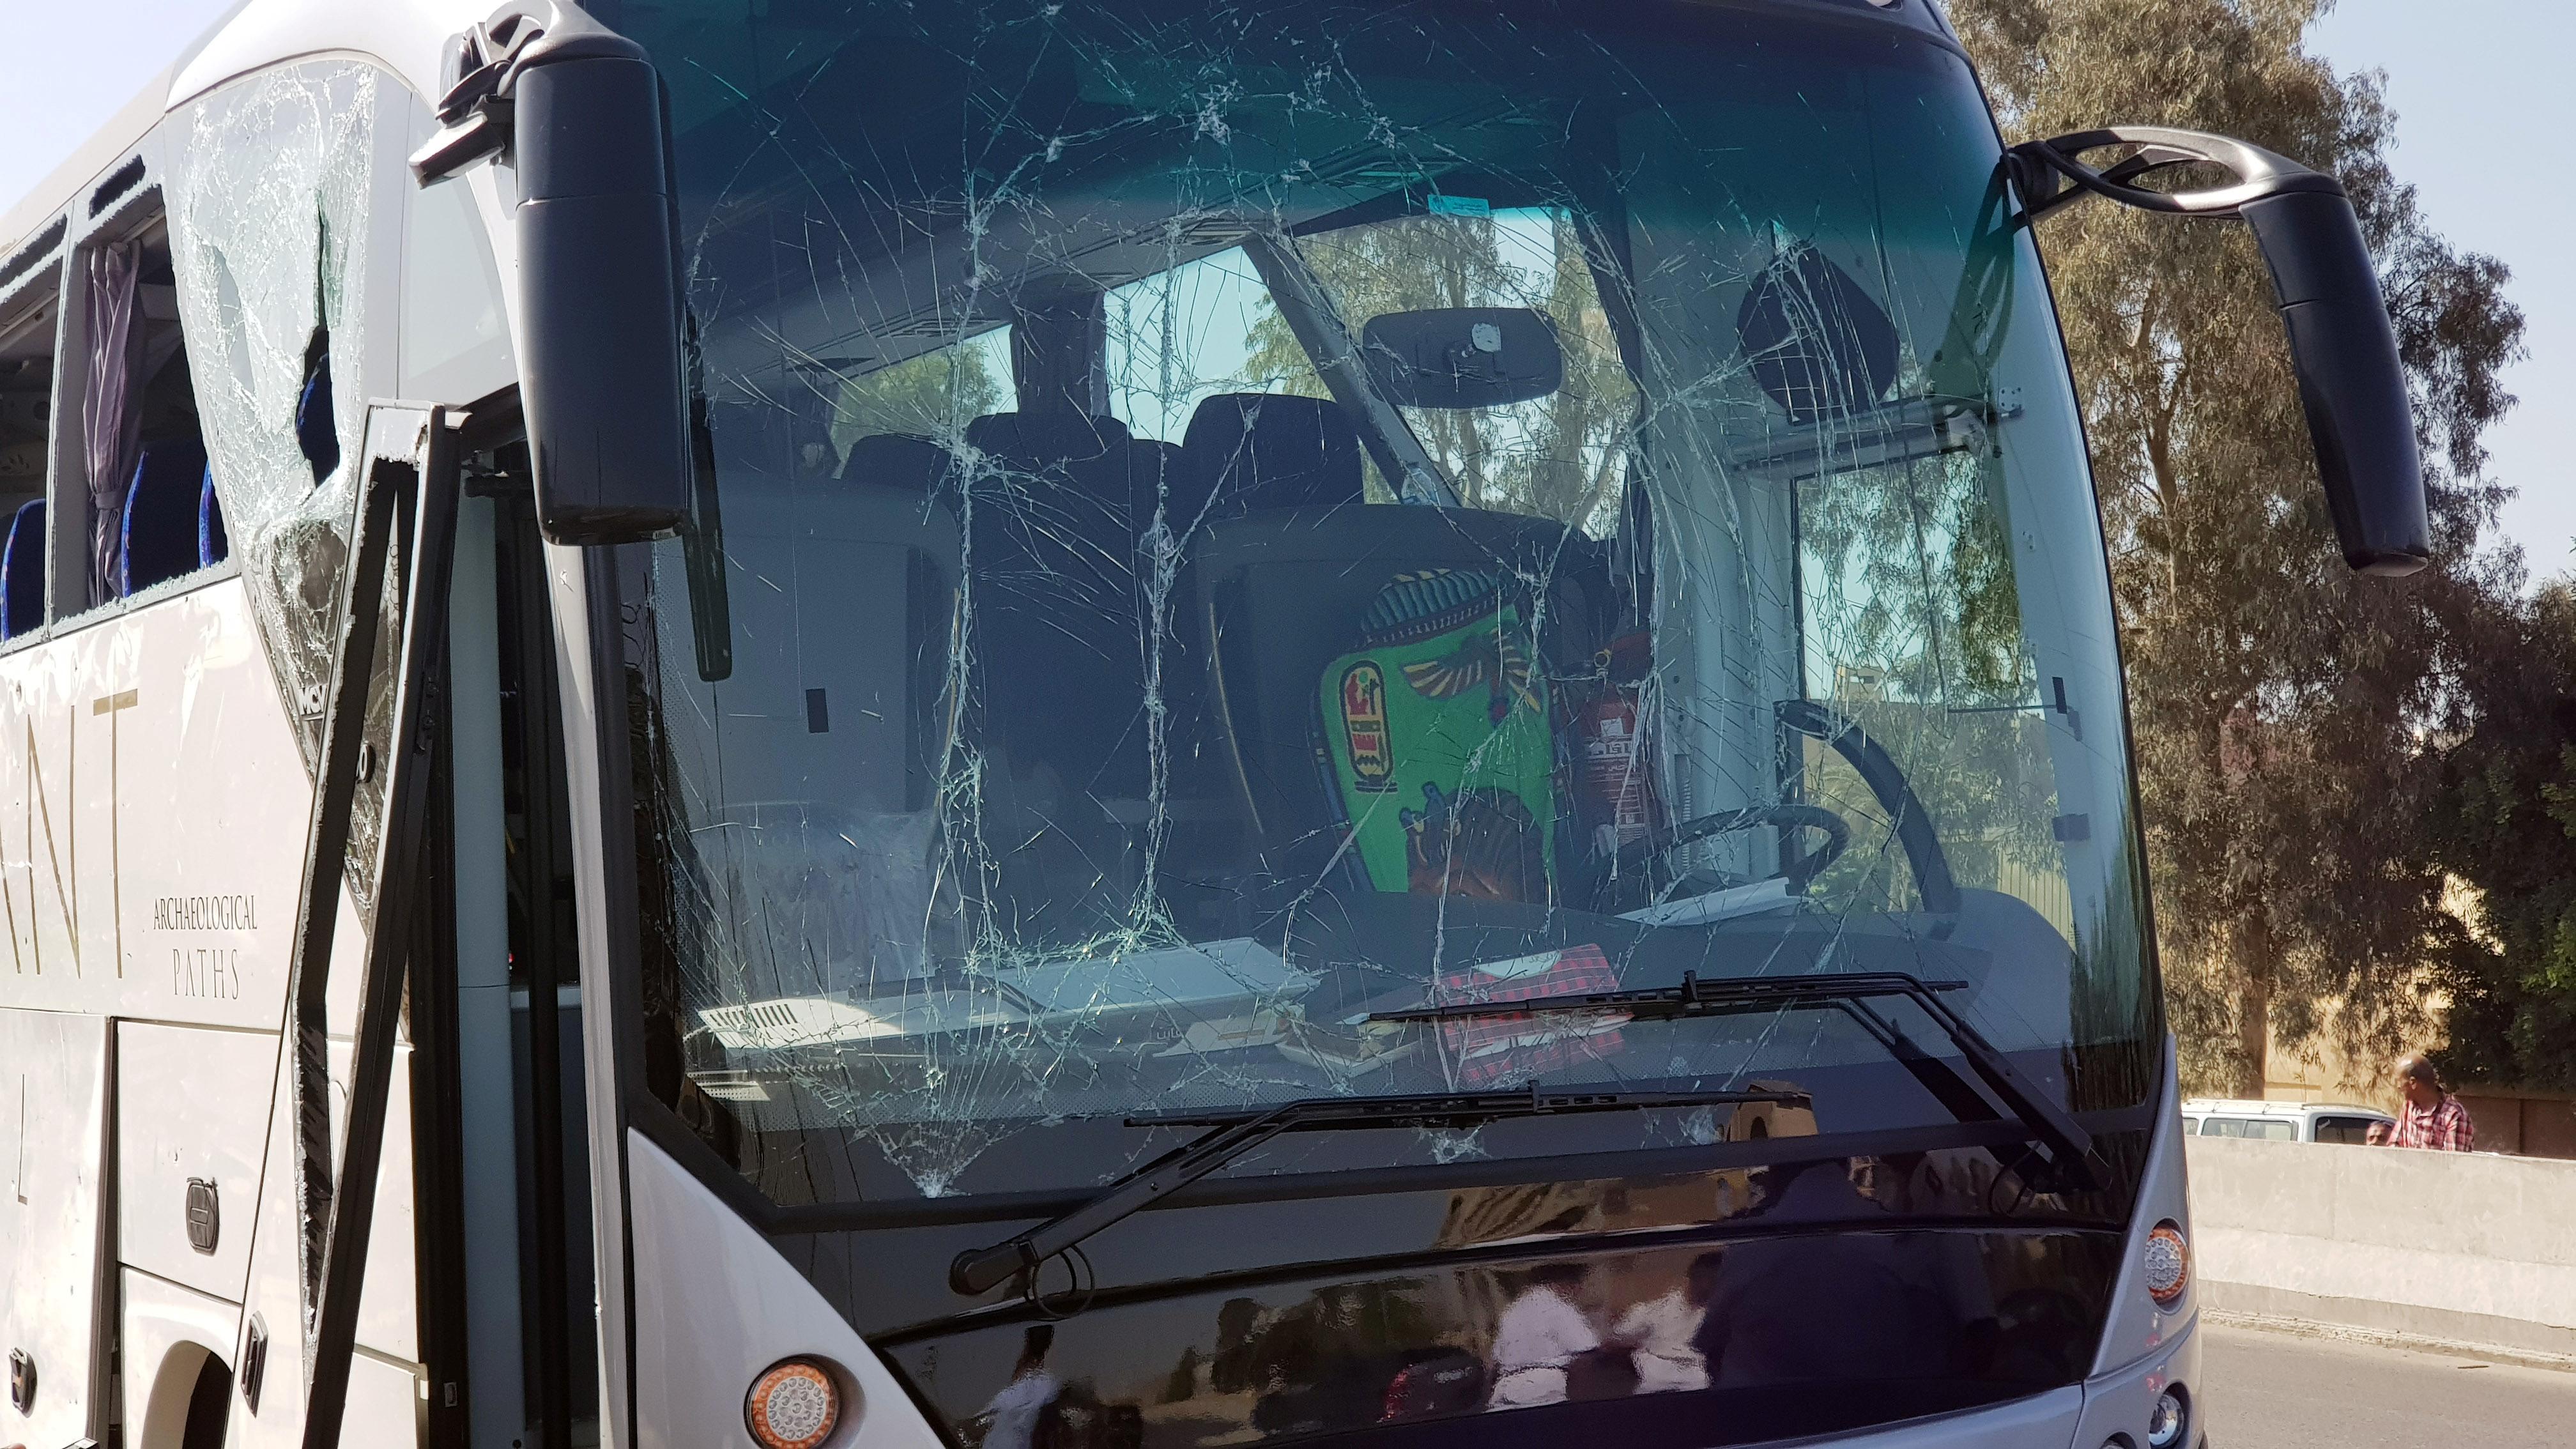 Así quedó el frente del autobús (Reuters)